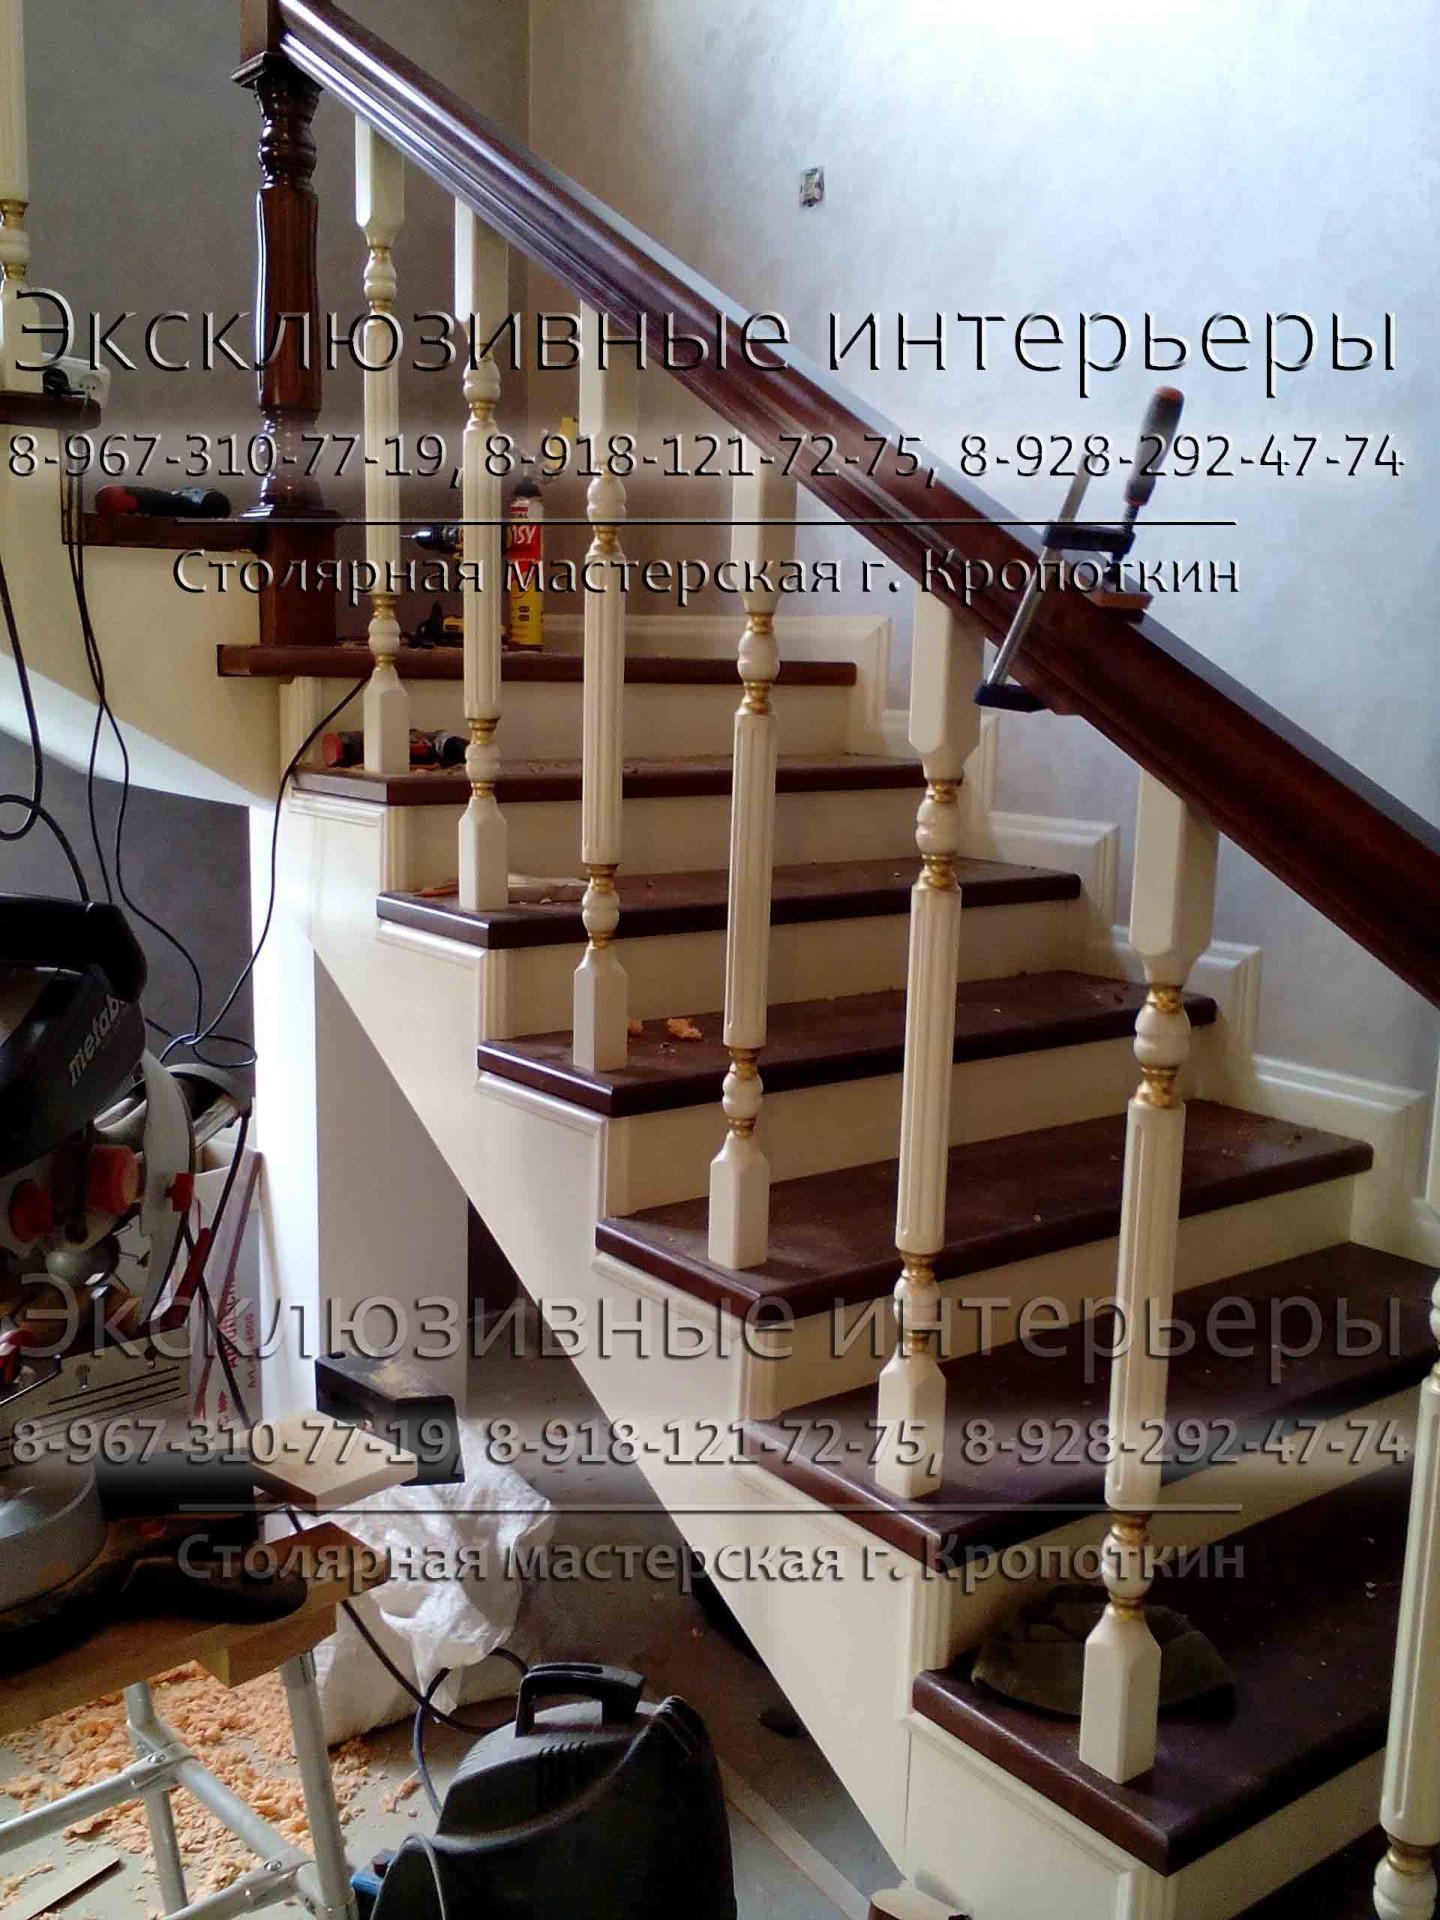 Столярный цех в Кропоткине, Гулькевичи, Сочи: деревянные лестницы, мебель из массива на заказ, бани под ключ